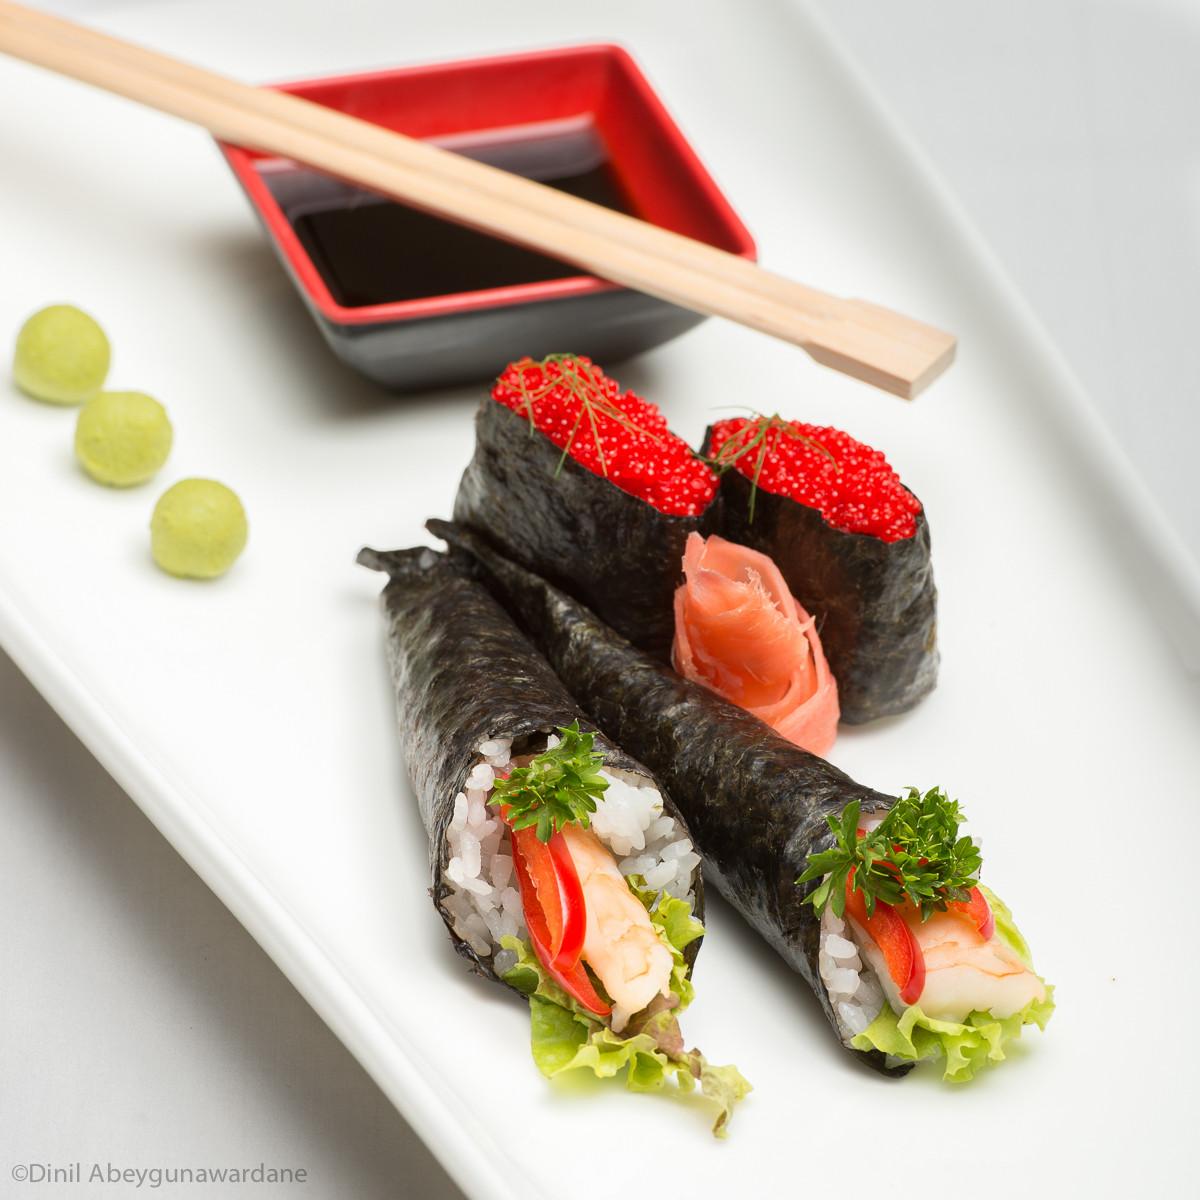 food-photography-dinil-abeygunawardane